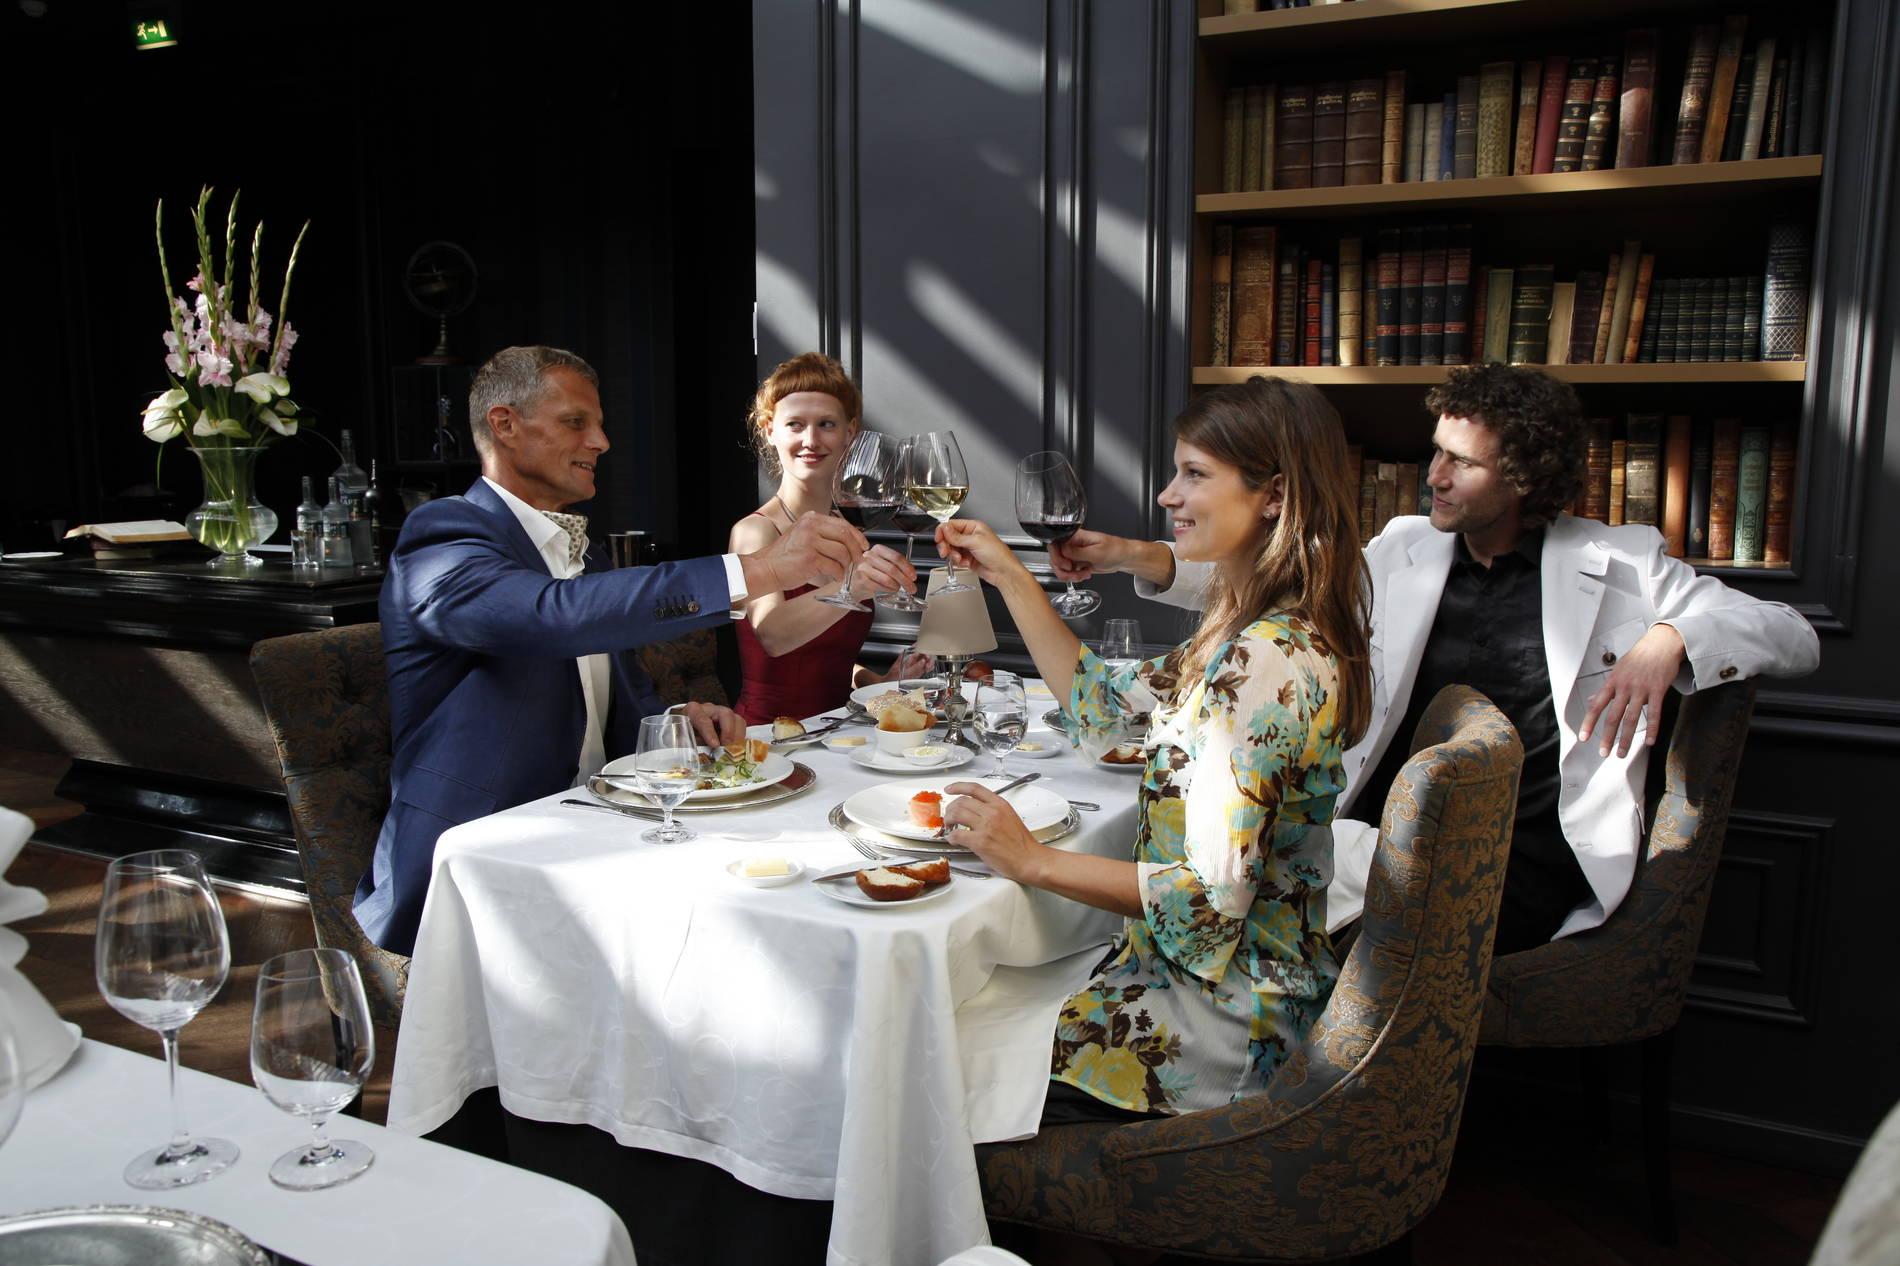 People enjoying dinner at a restaurant in Tallinn, Estonia